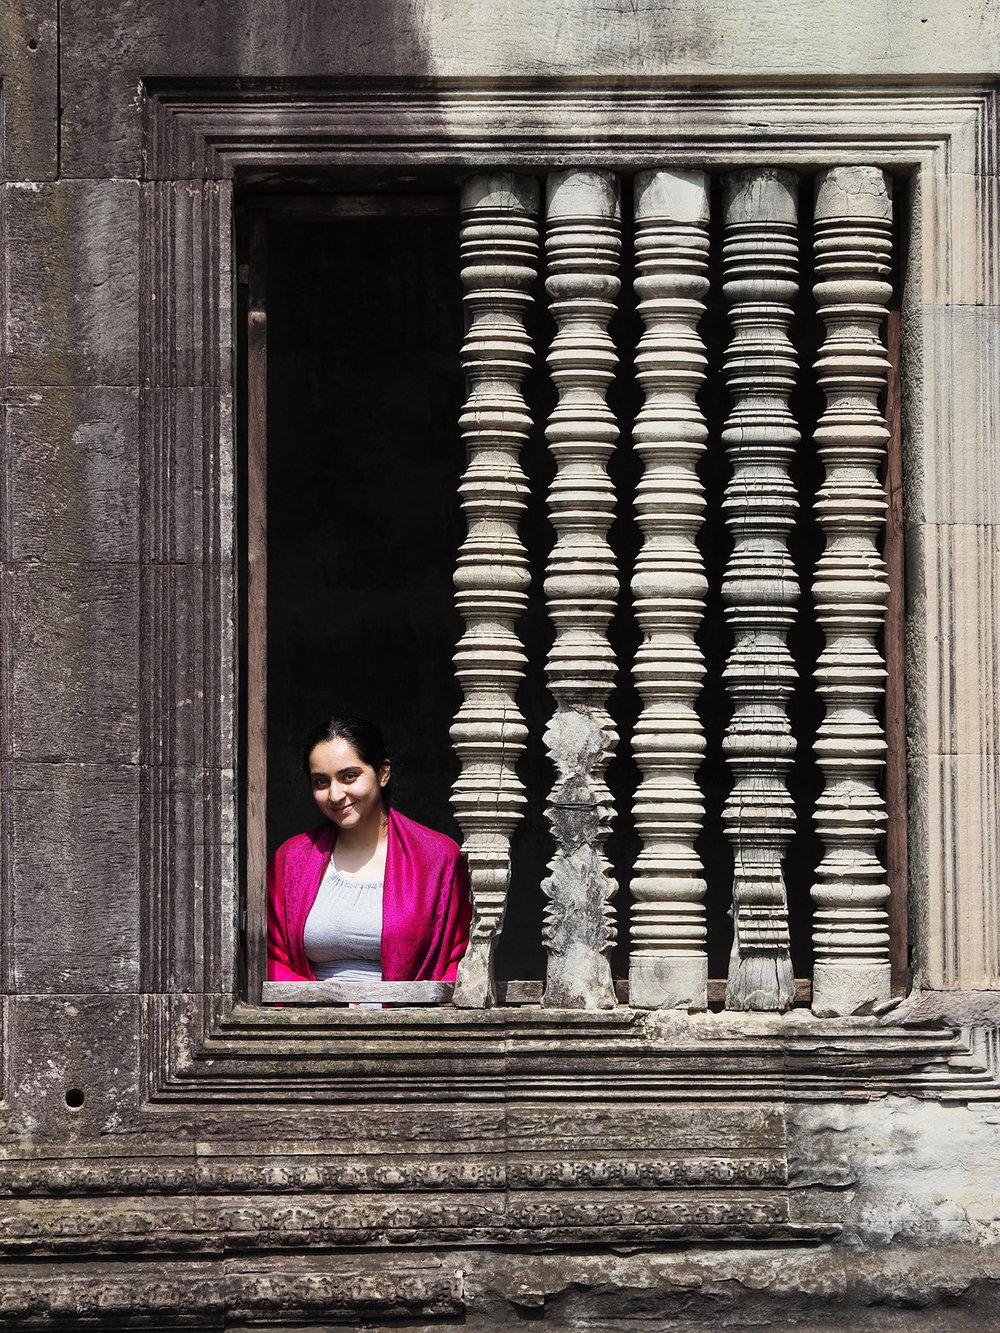 Ranjan_Ramchandani_The window.jpg